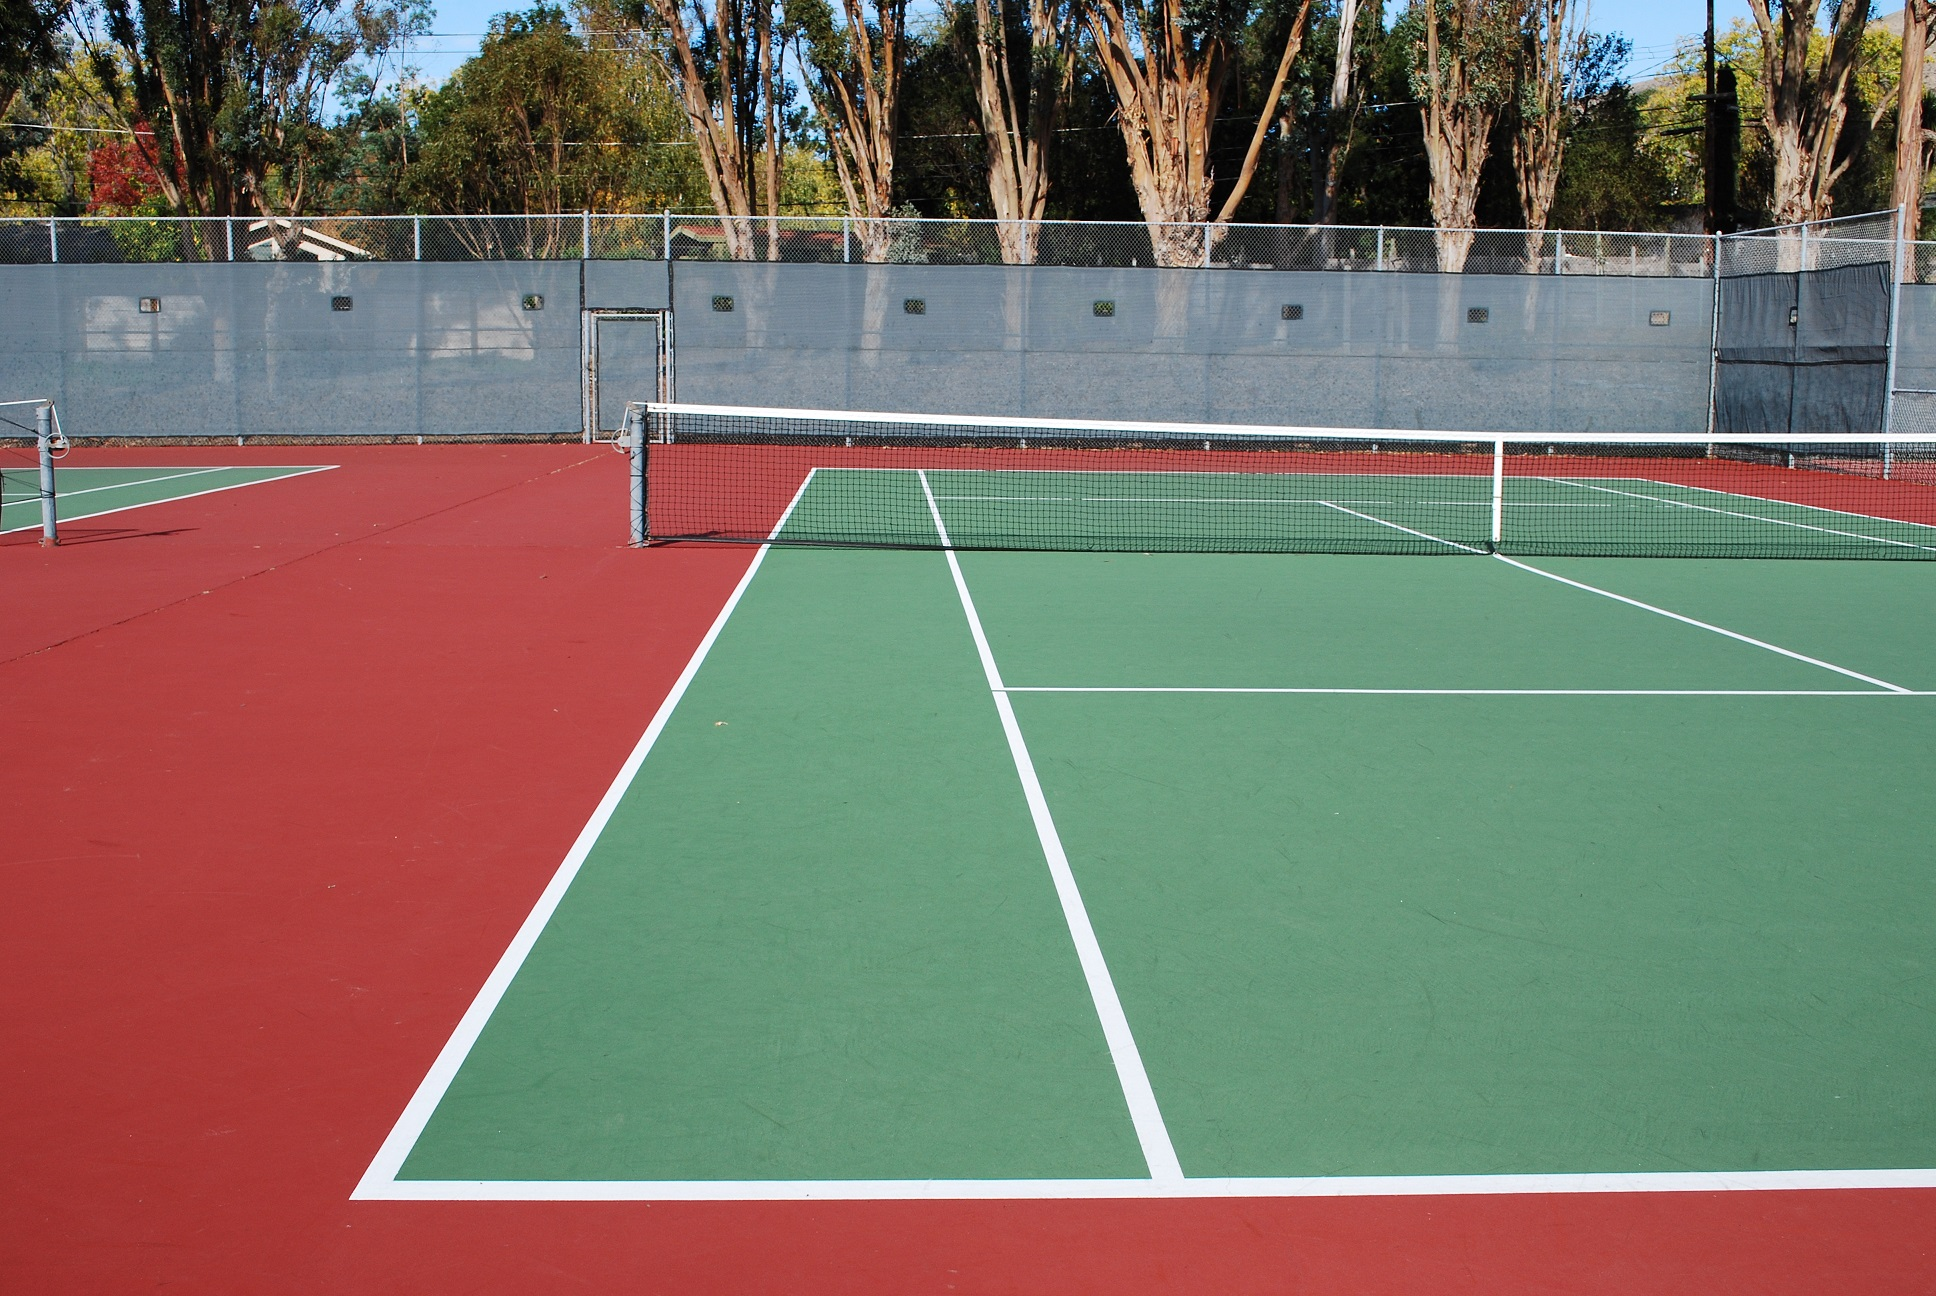 Por qué es bueno limpiar una cancha de tenis rápida?